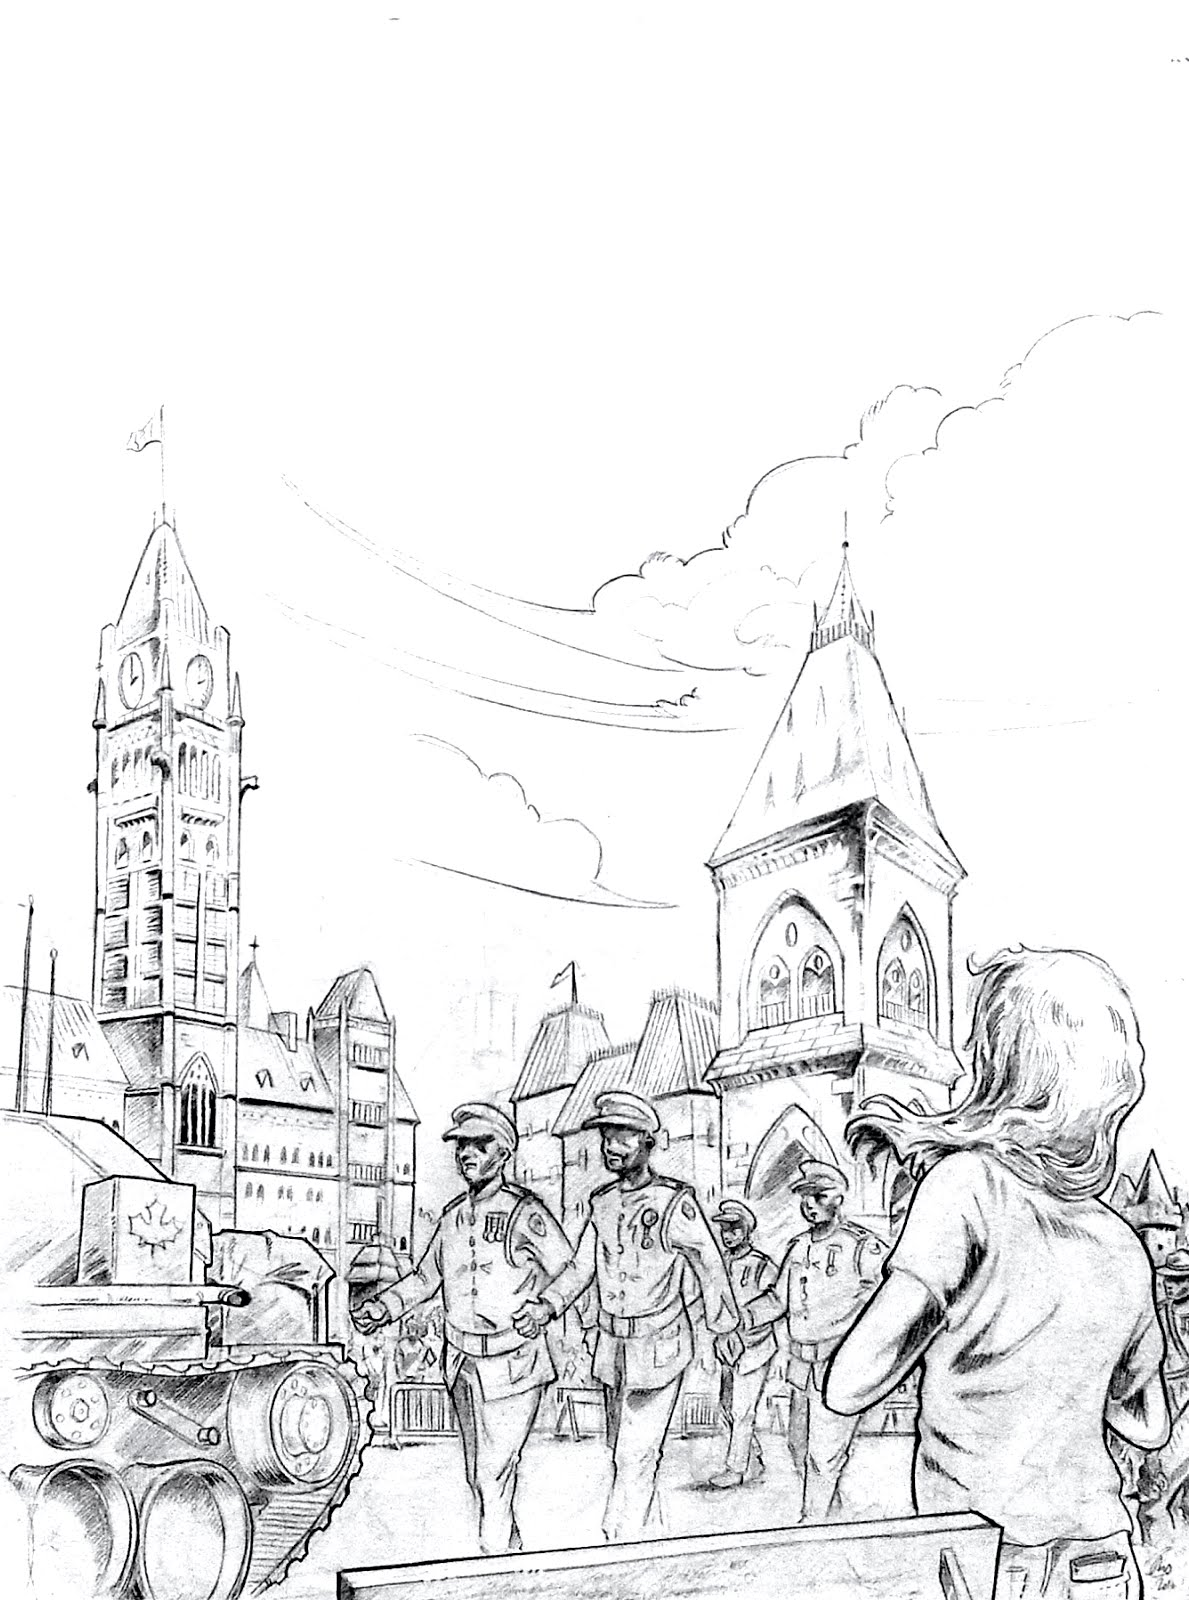 Ottawa à la manière comic book